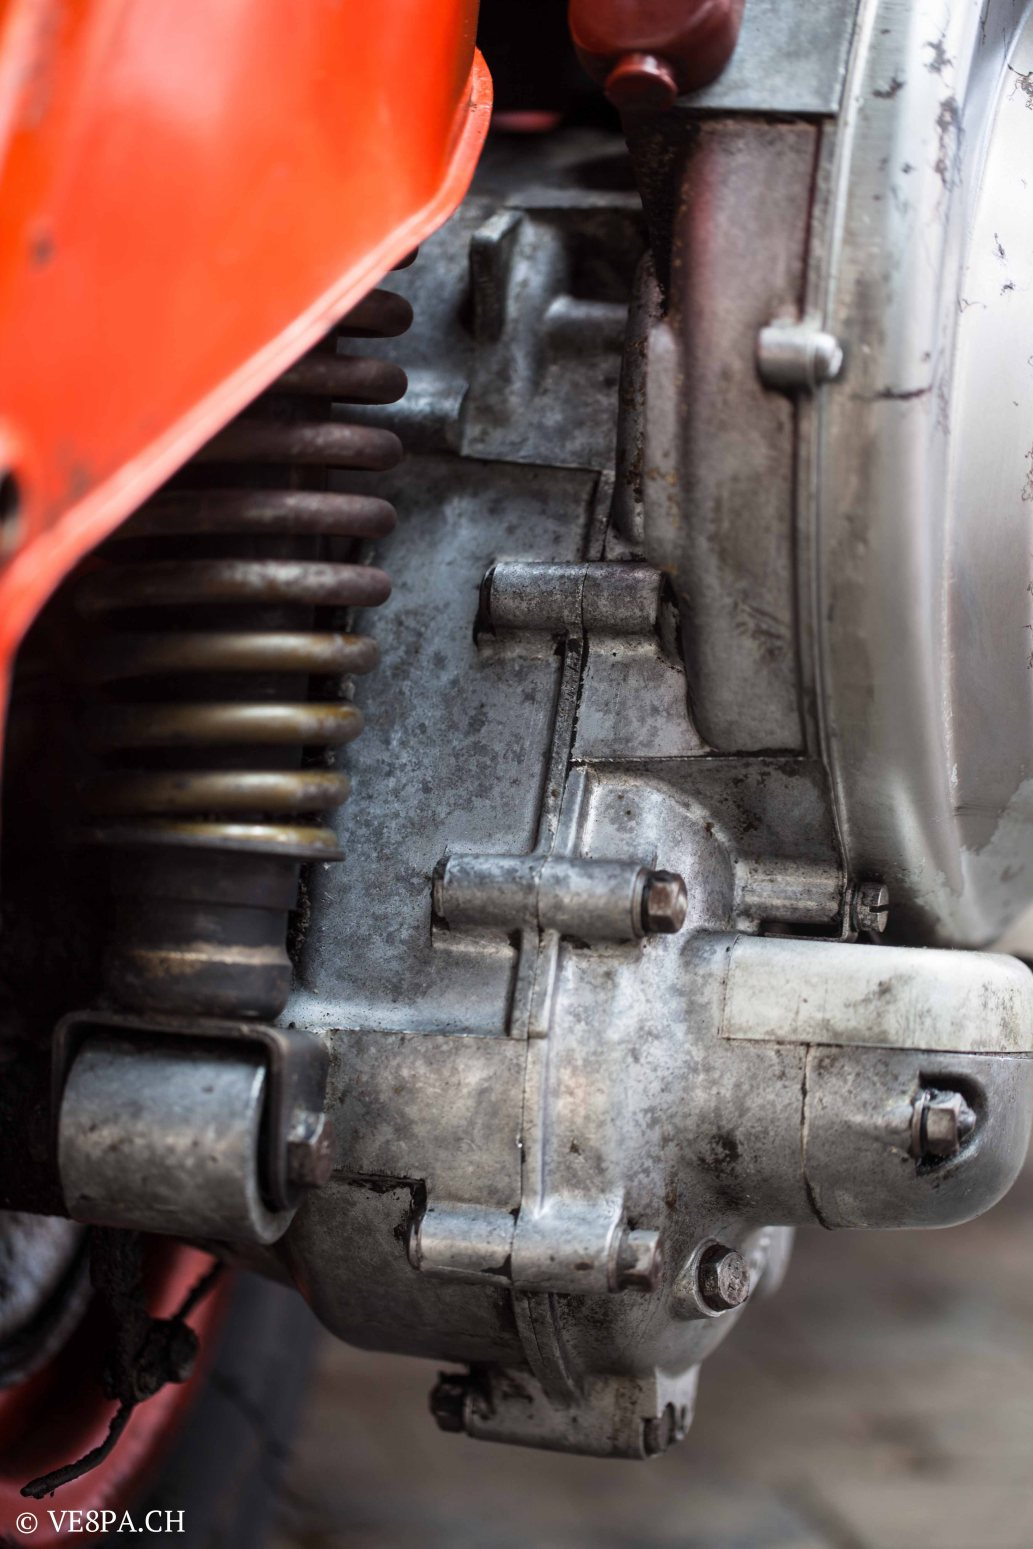 Vespa ACMA Typ N, 1960, 9535 KM, O-Lack, www.VE8PA.CH-45